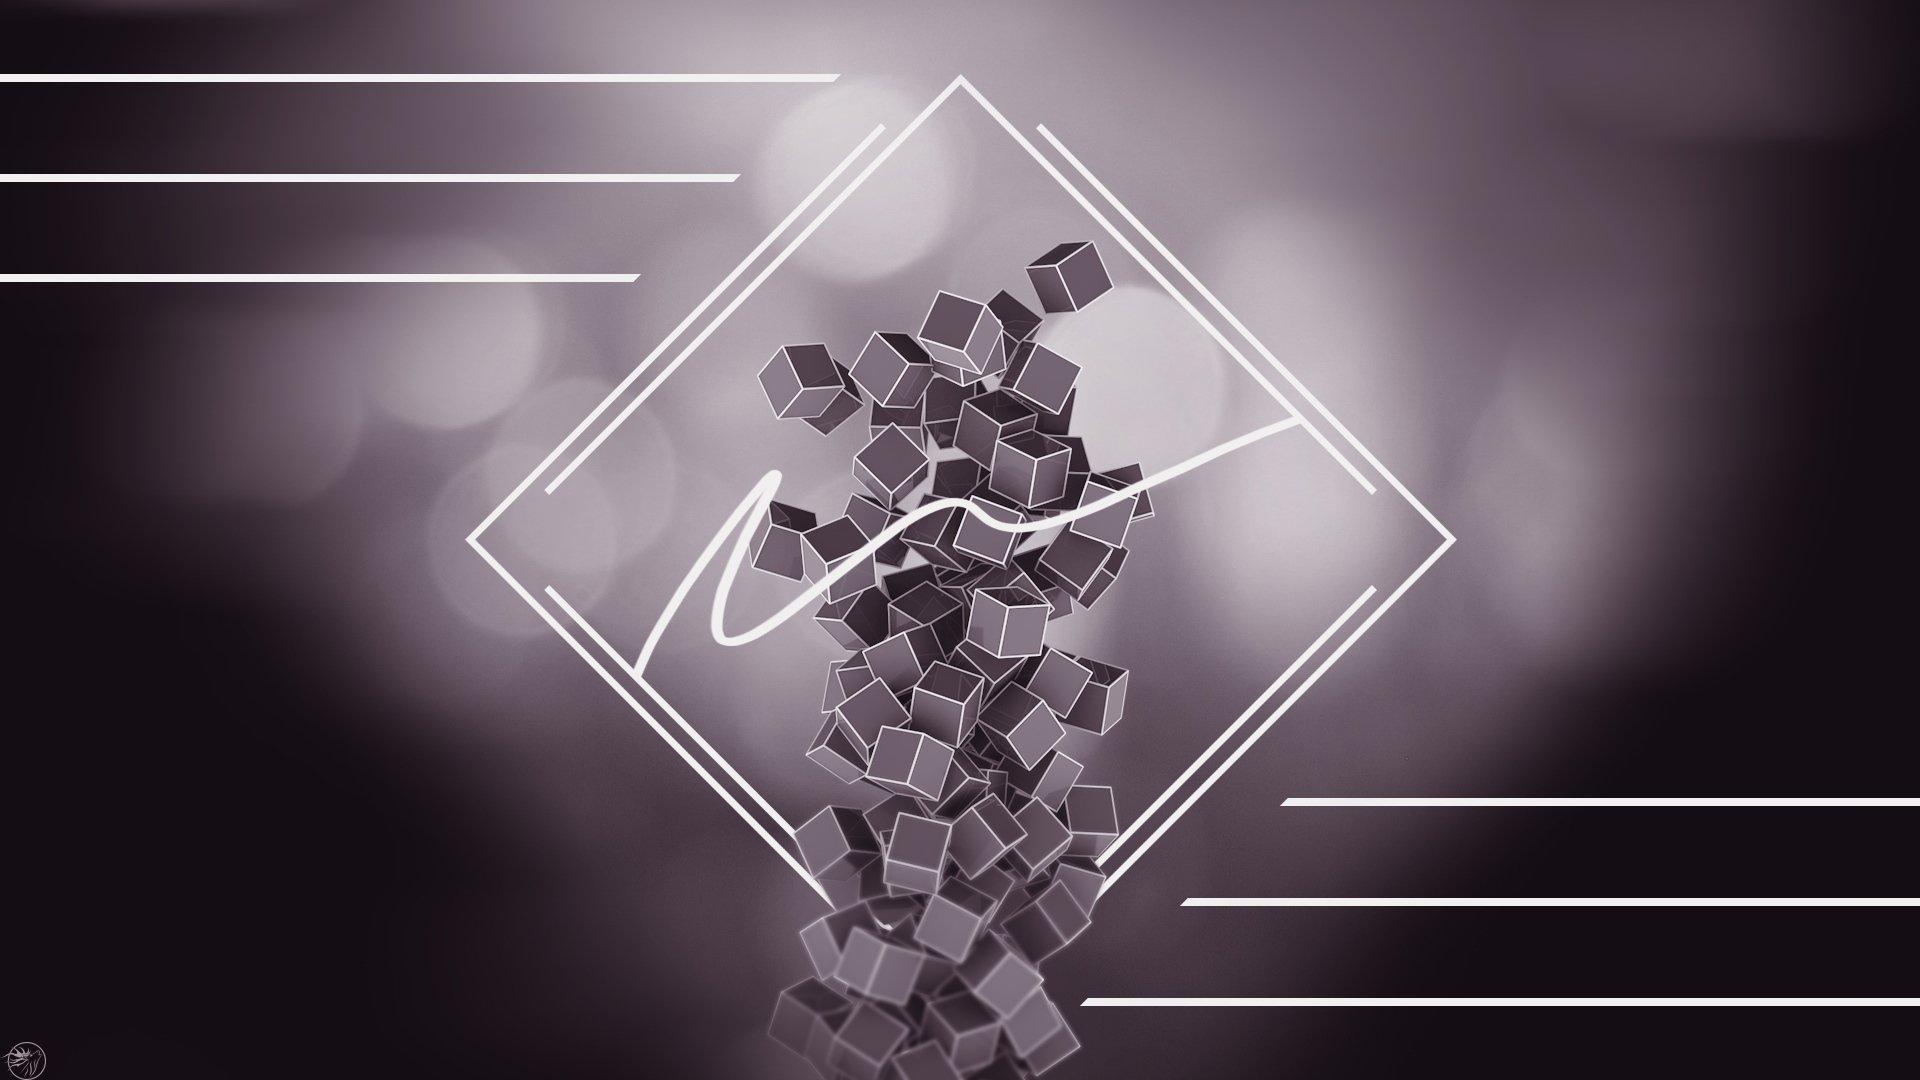 Обои на телефон темные вертикальные абстракции треугольники молнии